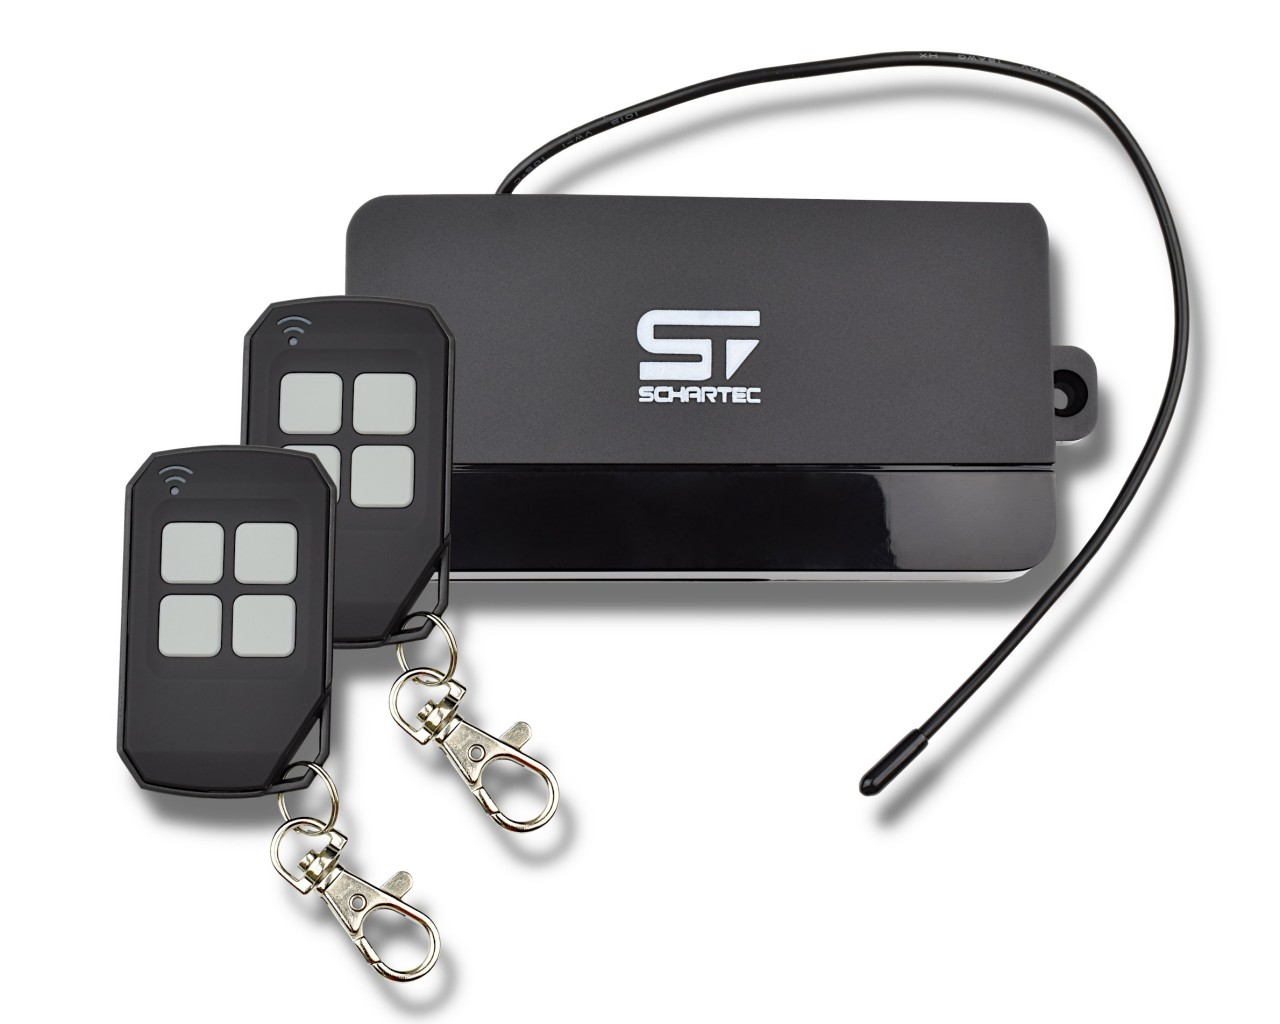 Schartec Universal Funkempfänger Set YET402PC-S17 inkl. 2 Handsender